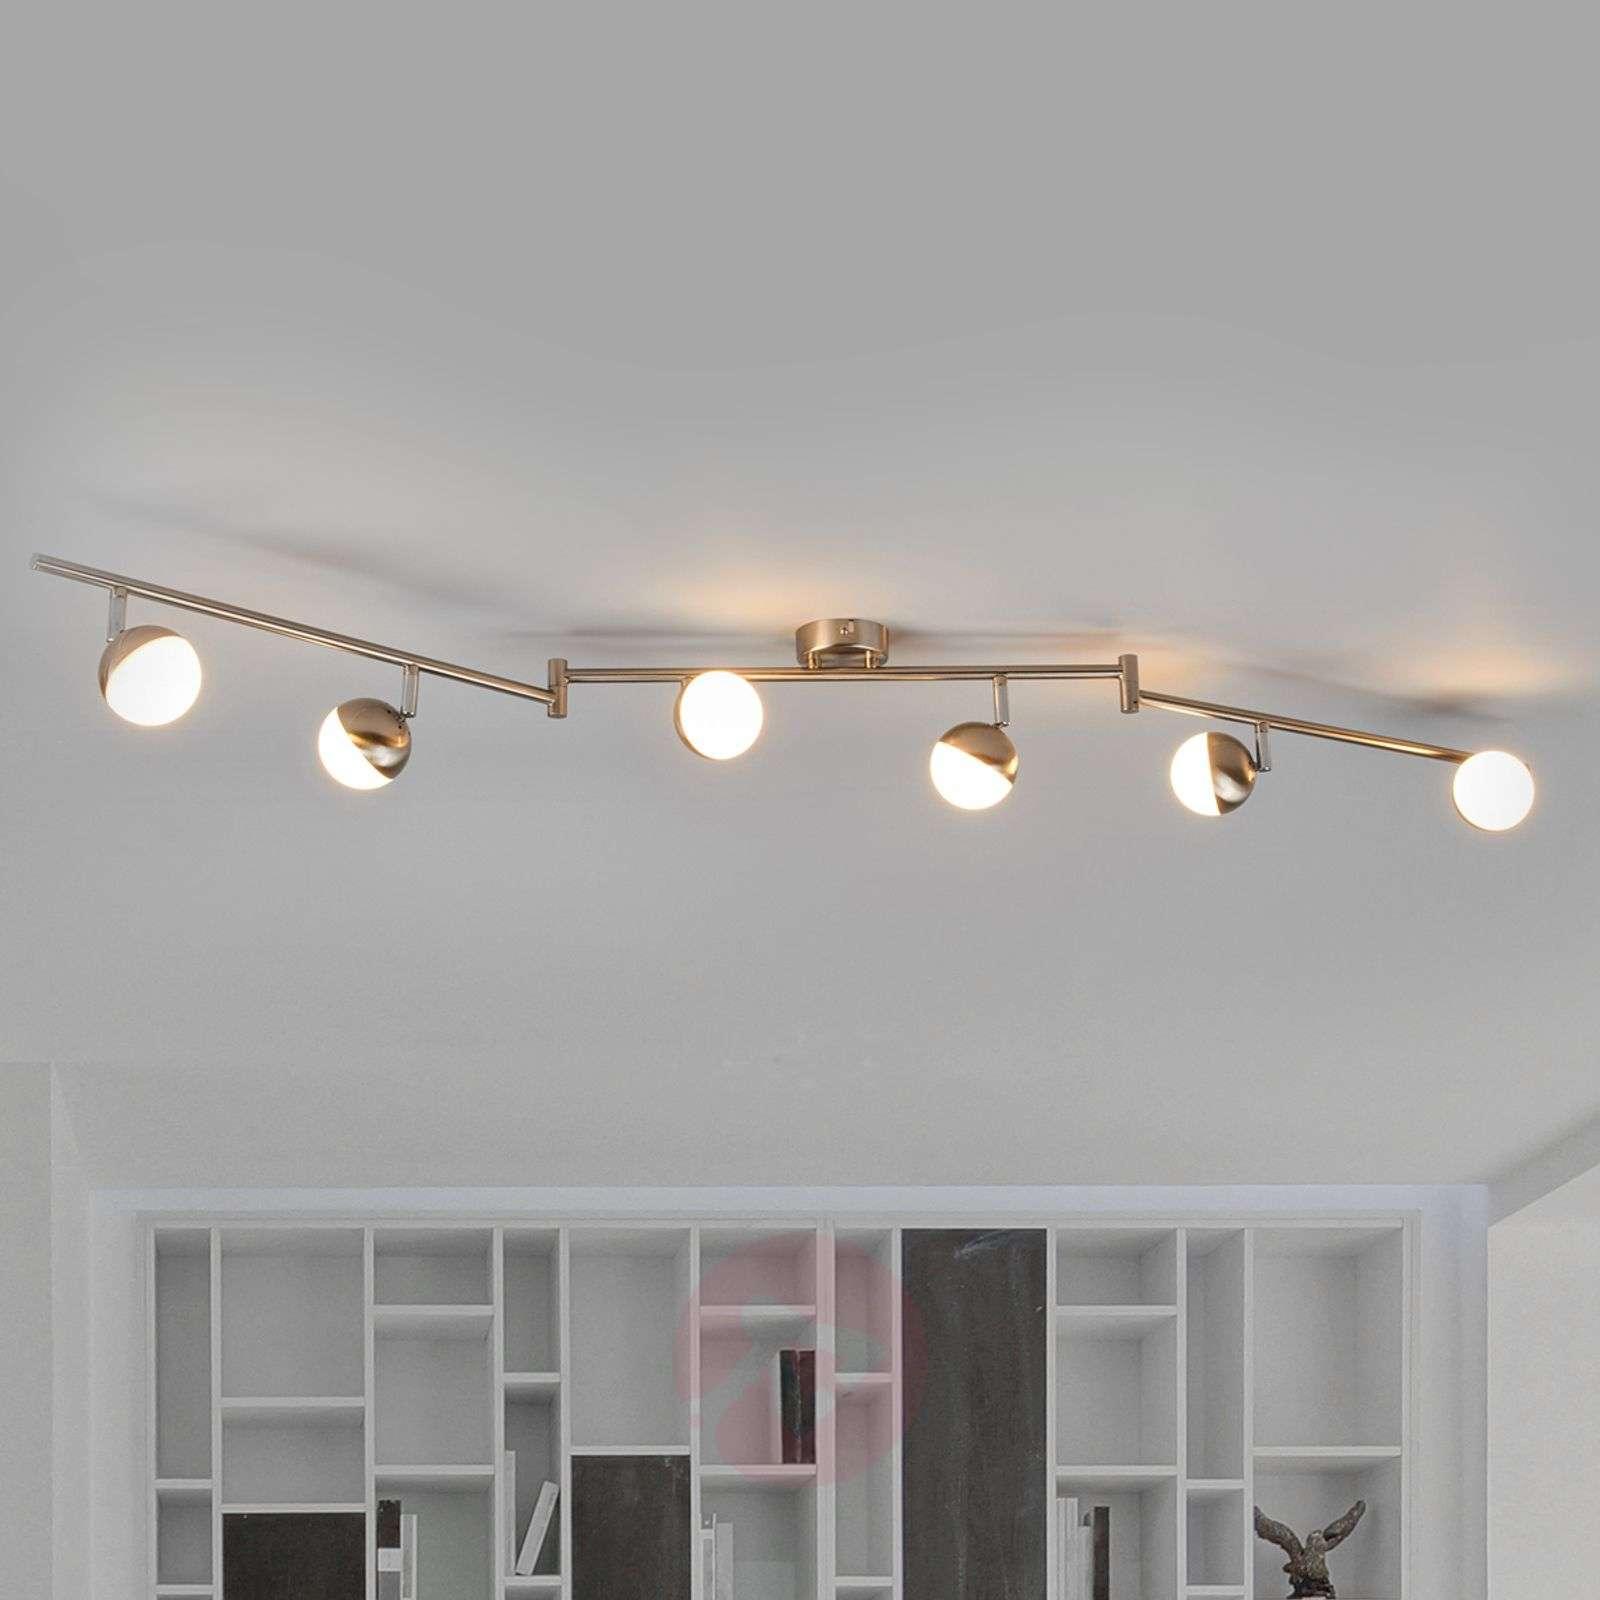 Good lighting with the LED ceiling light Jonne-9987059-02